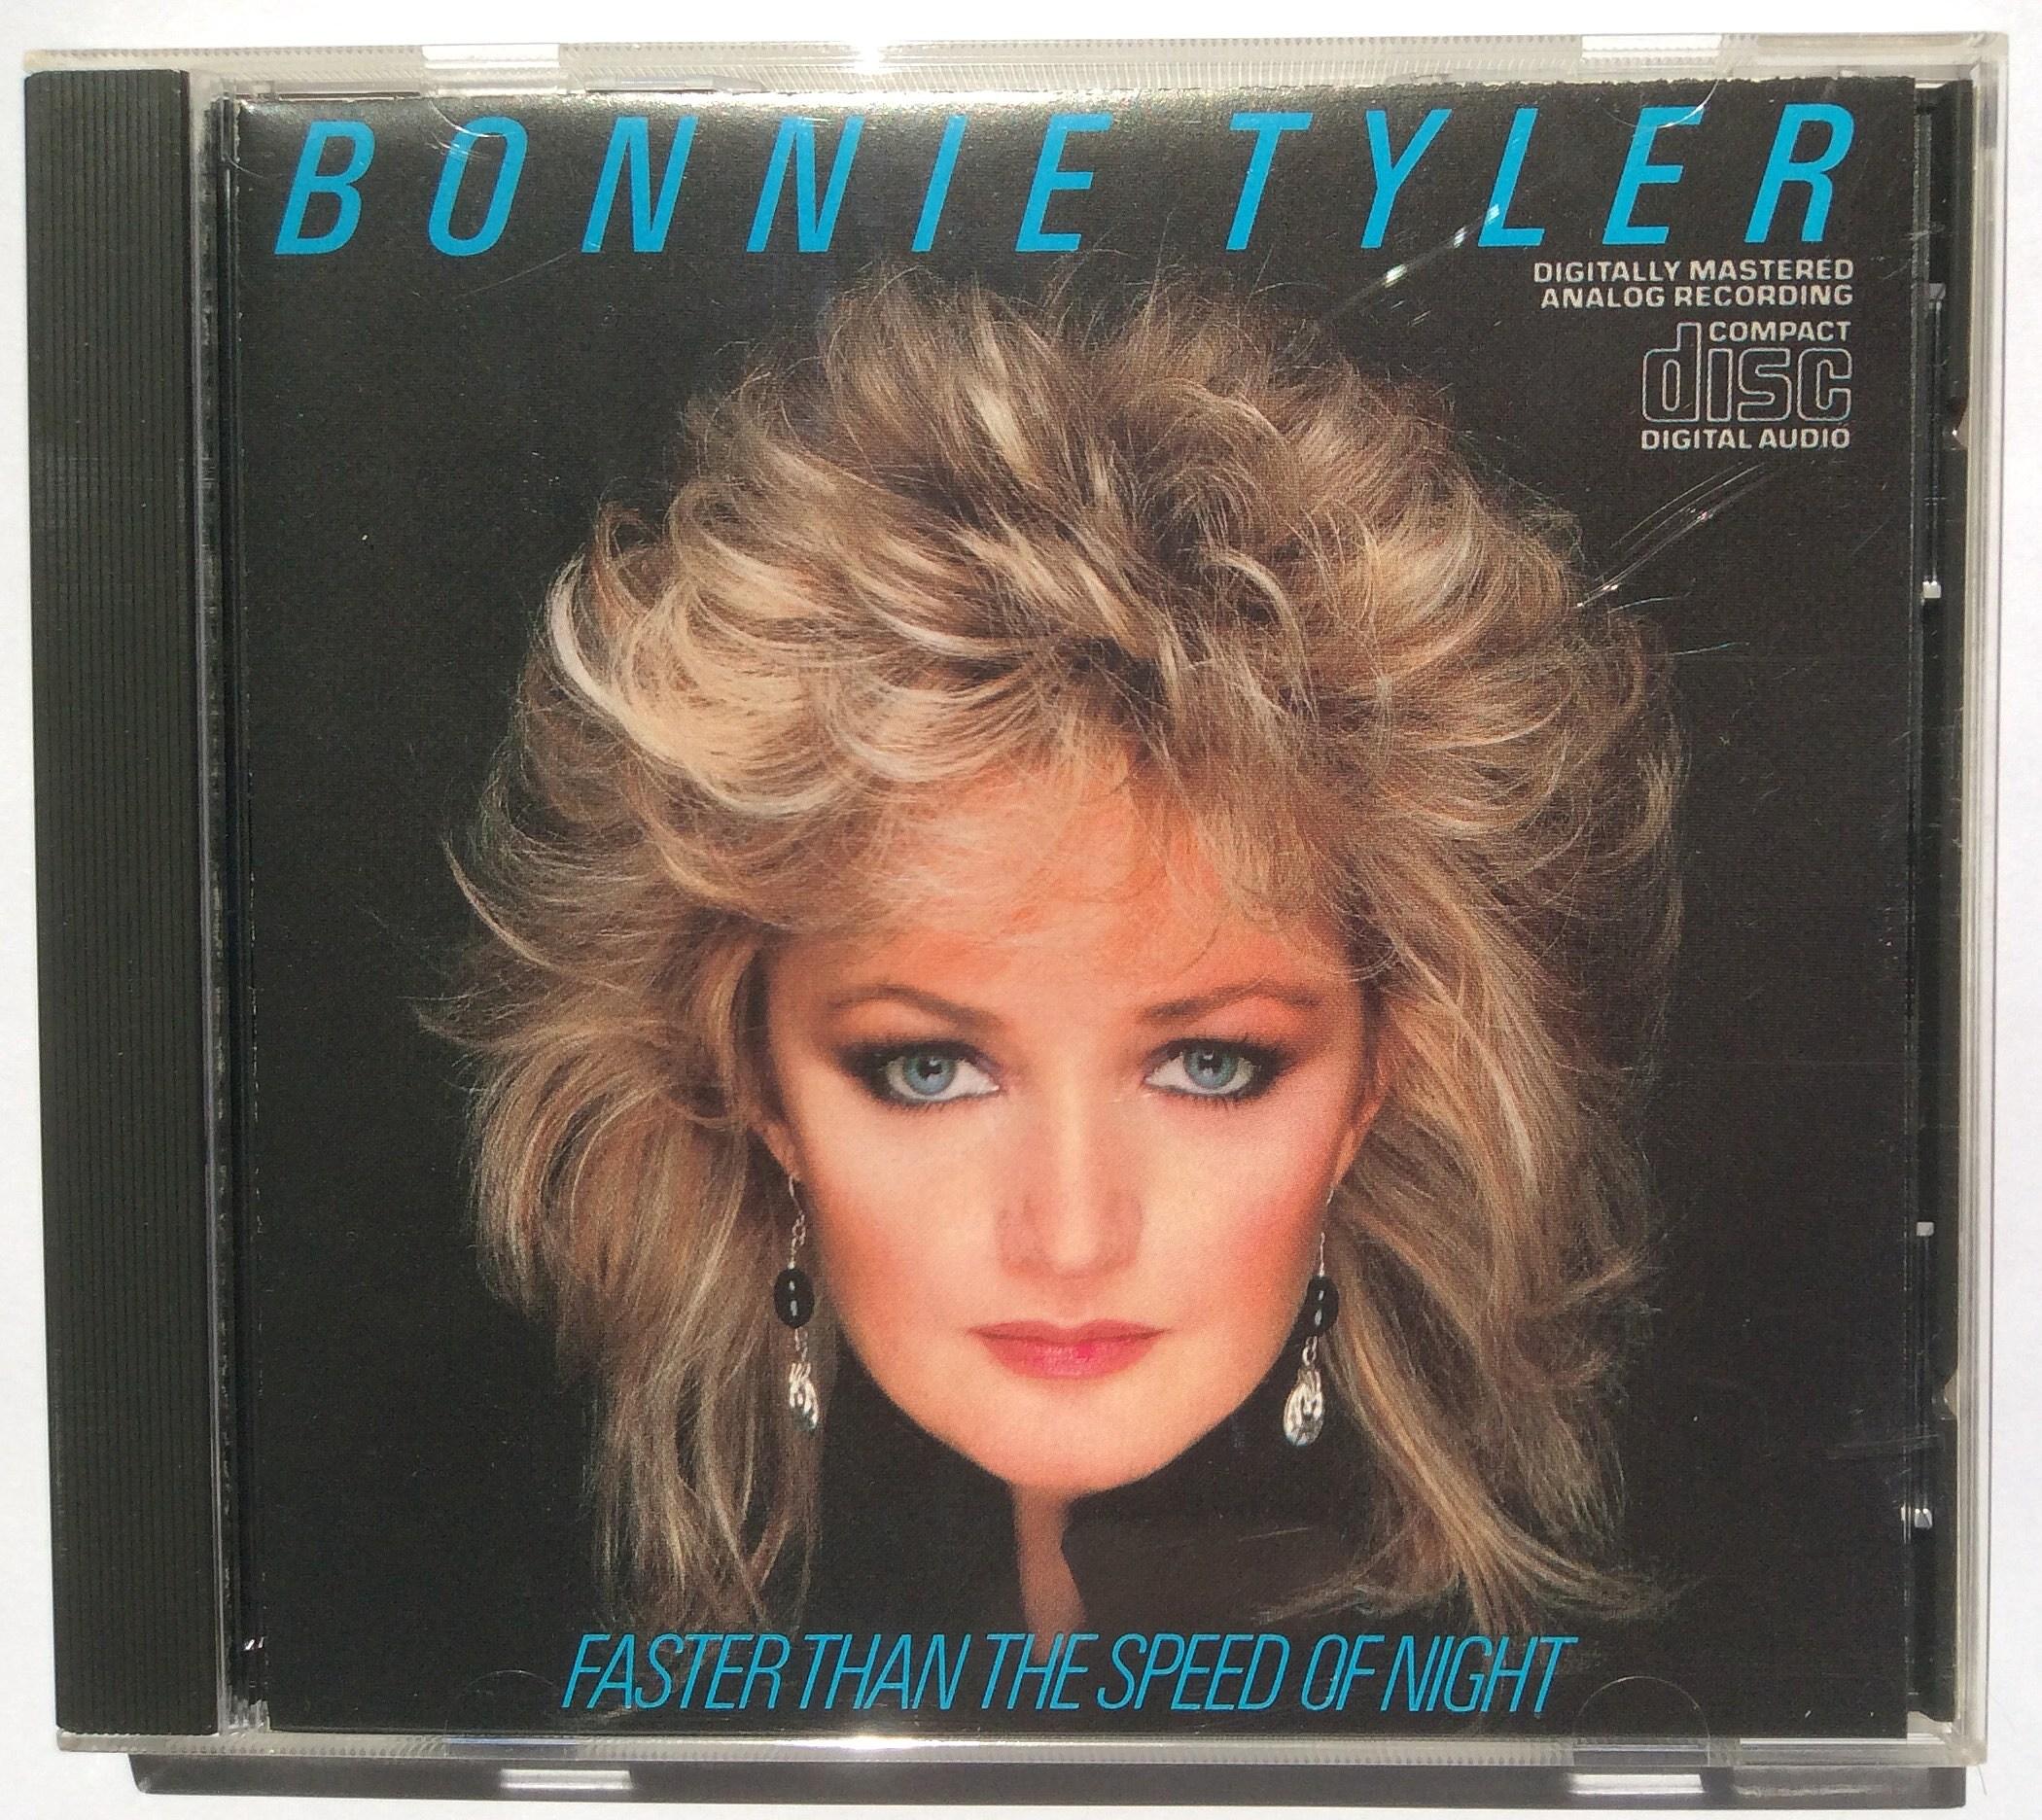 Bonnie Tyler Eclipses All In 1983 Craig Allen Photo